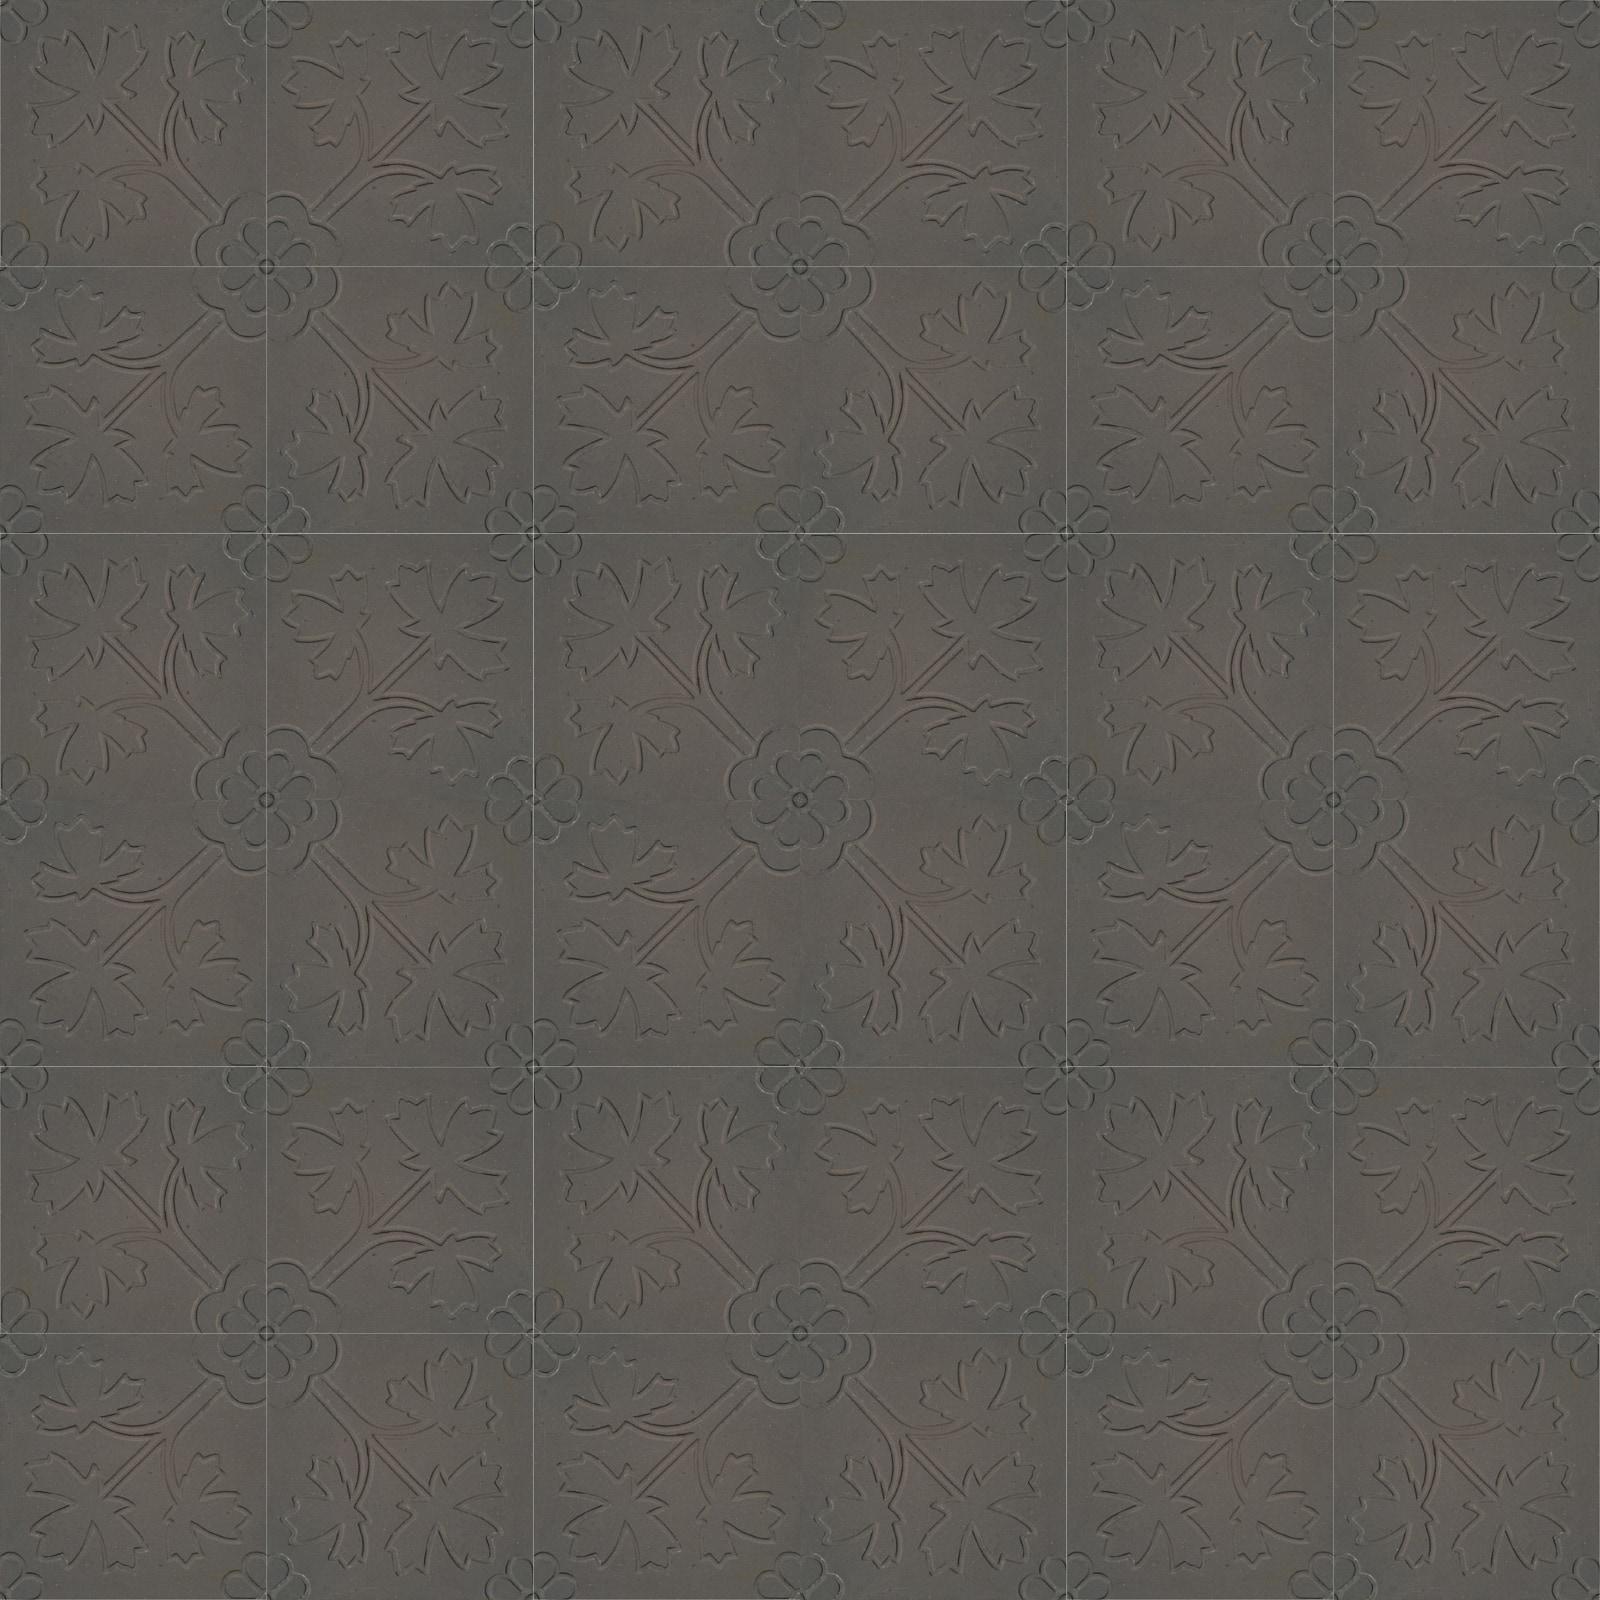 Verlegemuster-nummer-51110-via-gmbh-viaplatten | 51110/150